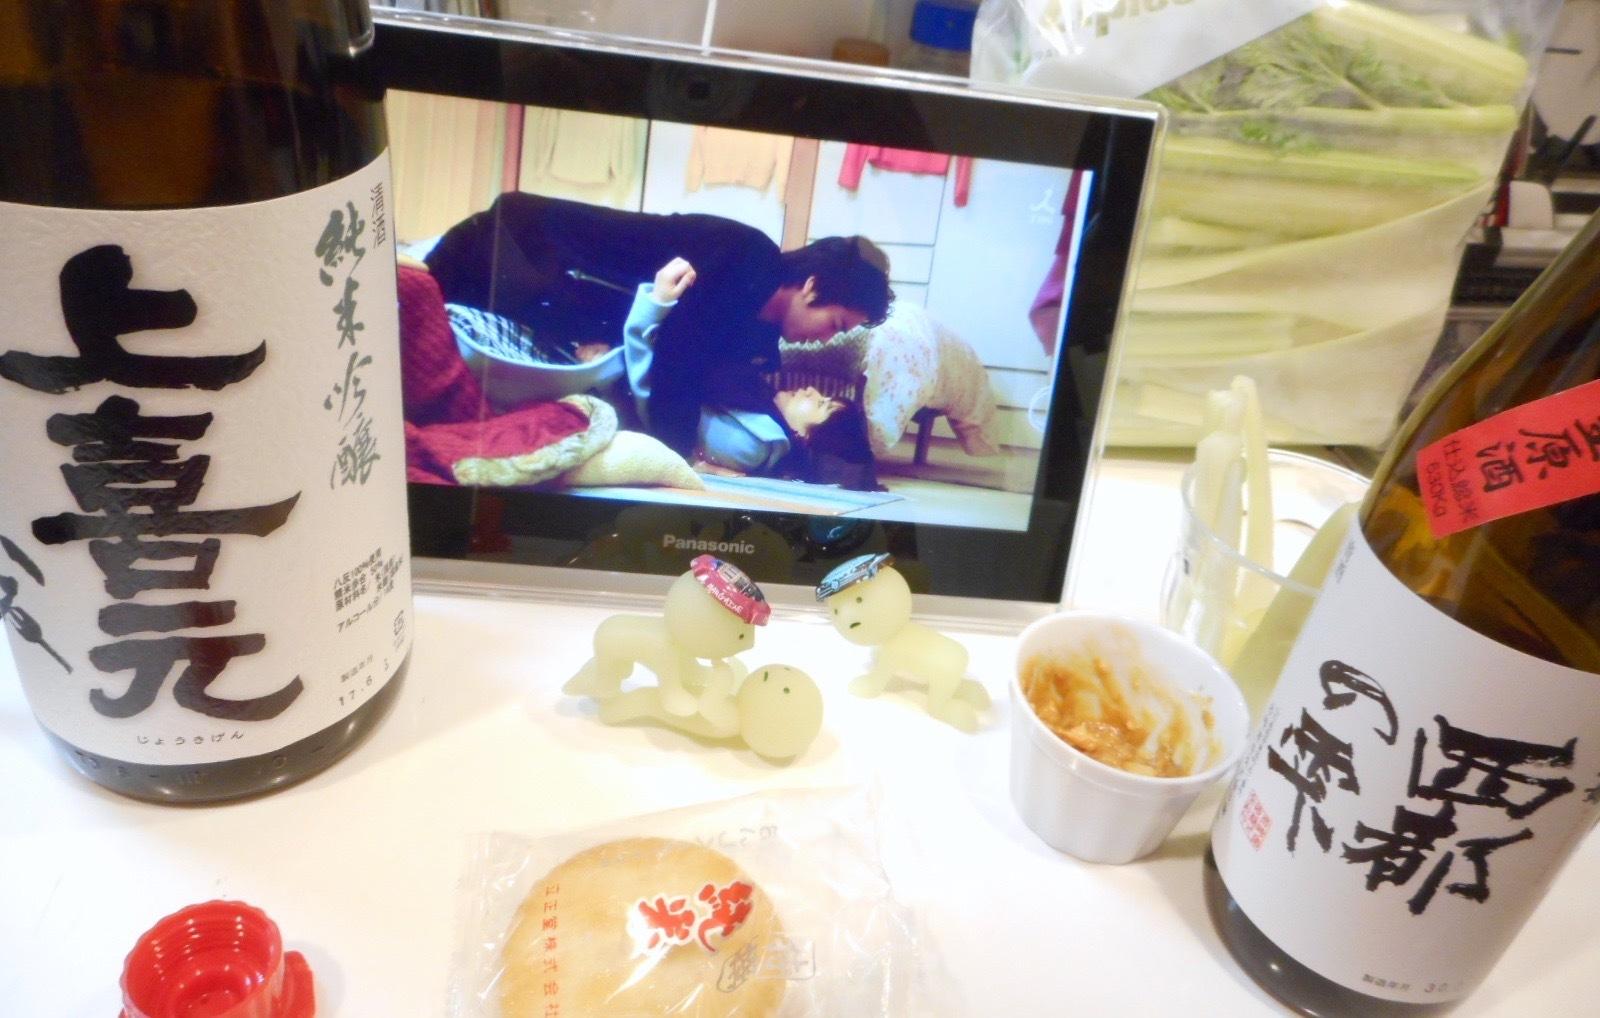 joukigen_kimoto_hattan28by3_3.jpg